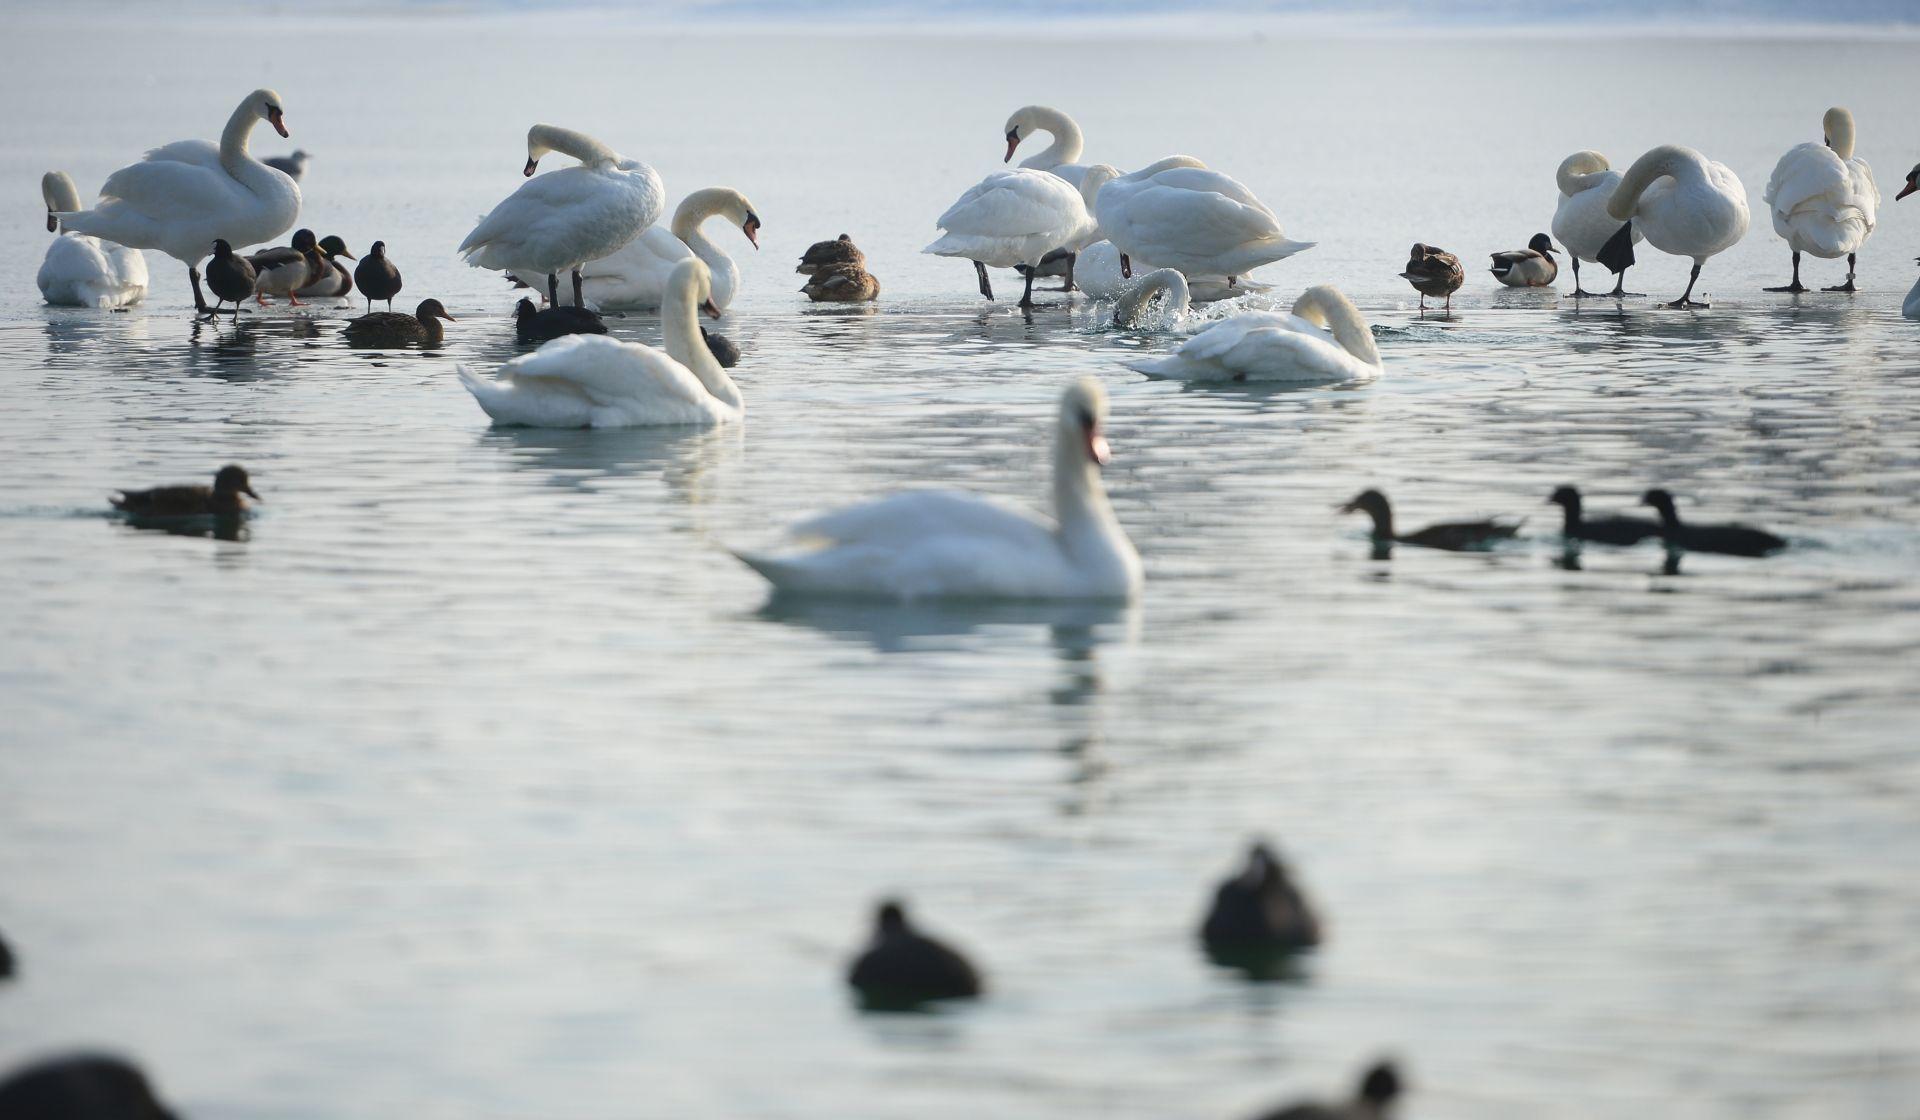 JARUN I BUNDEK: Na uginulim labudovima utvrđena ptičja gripa